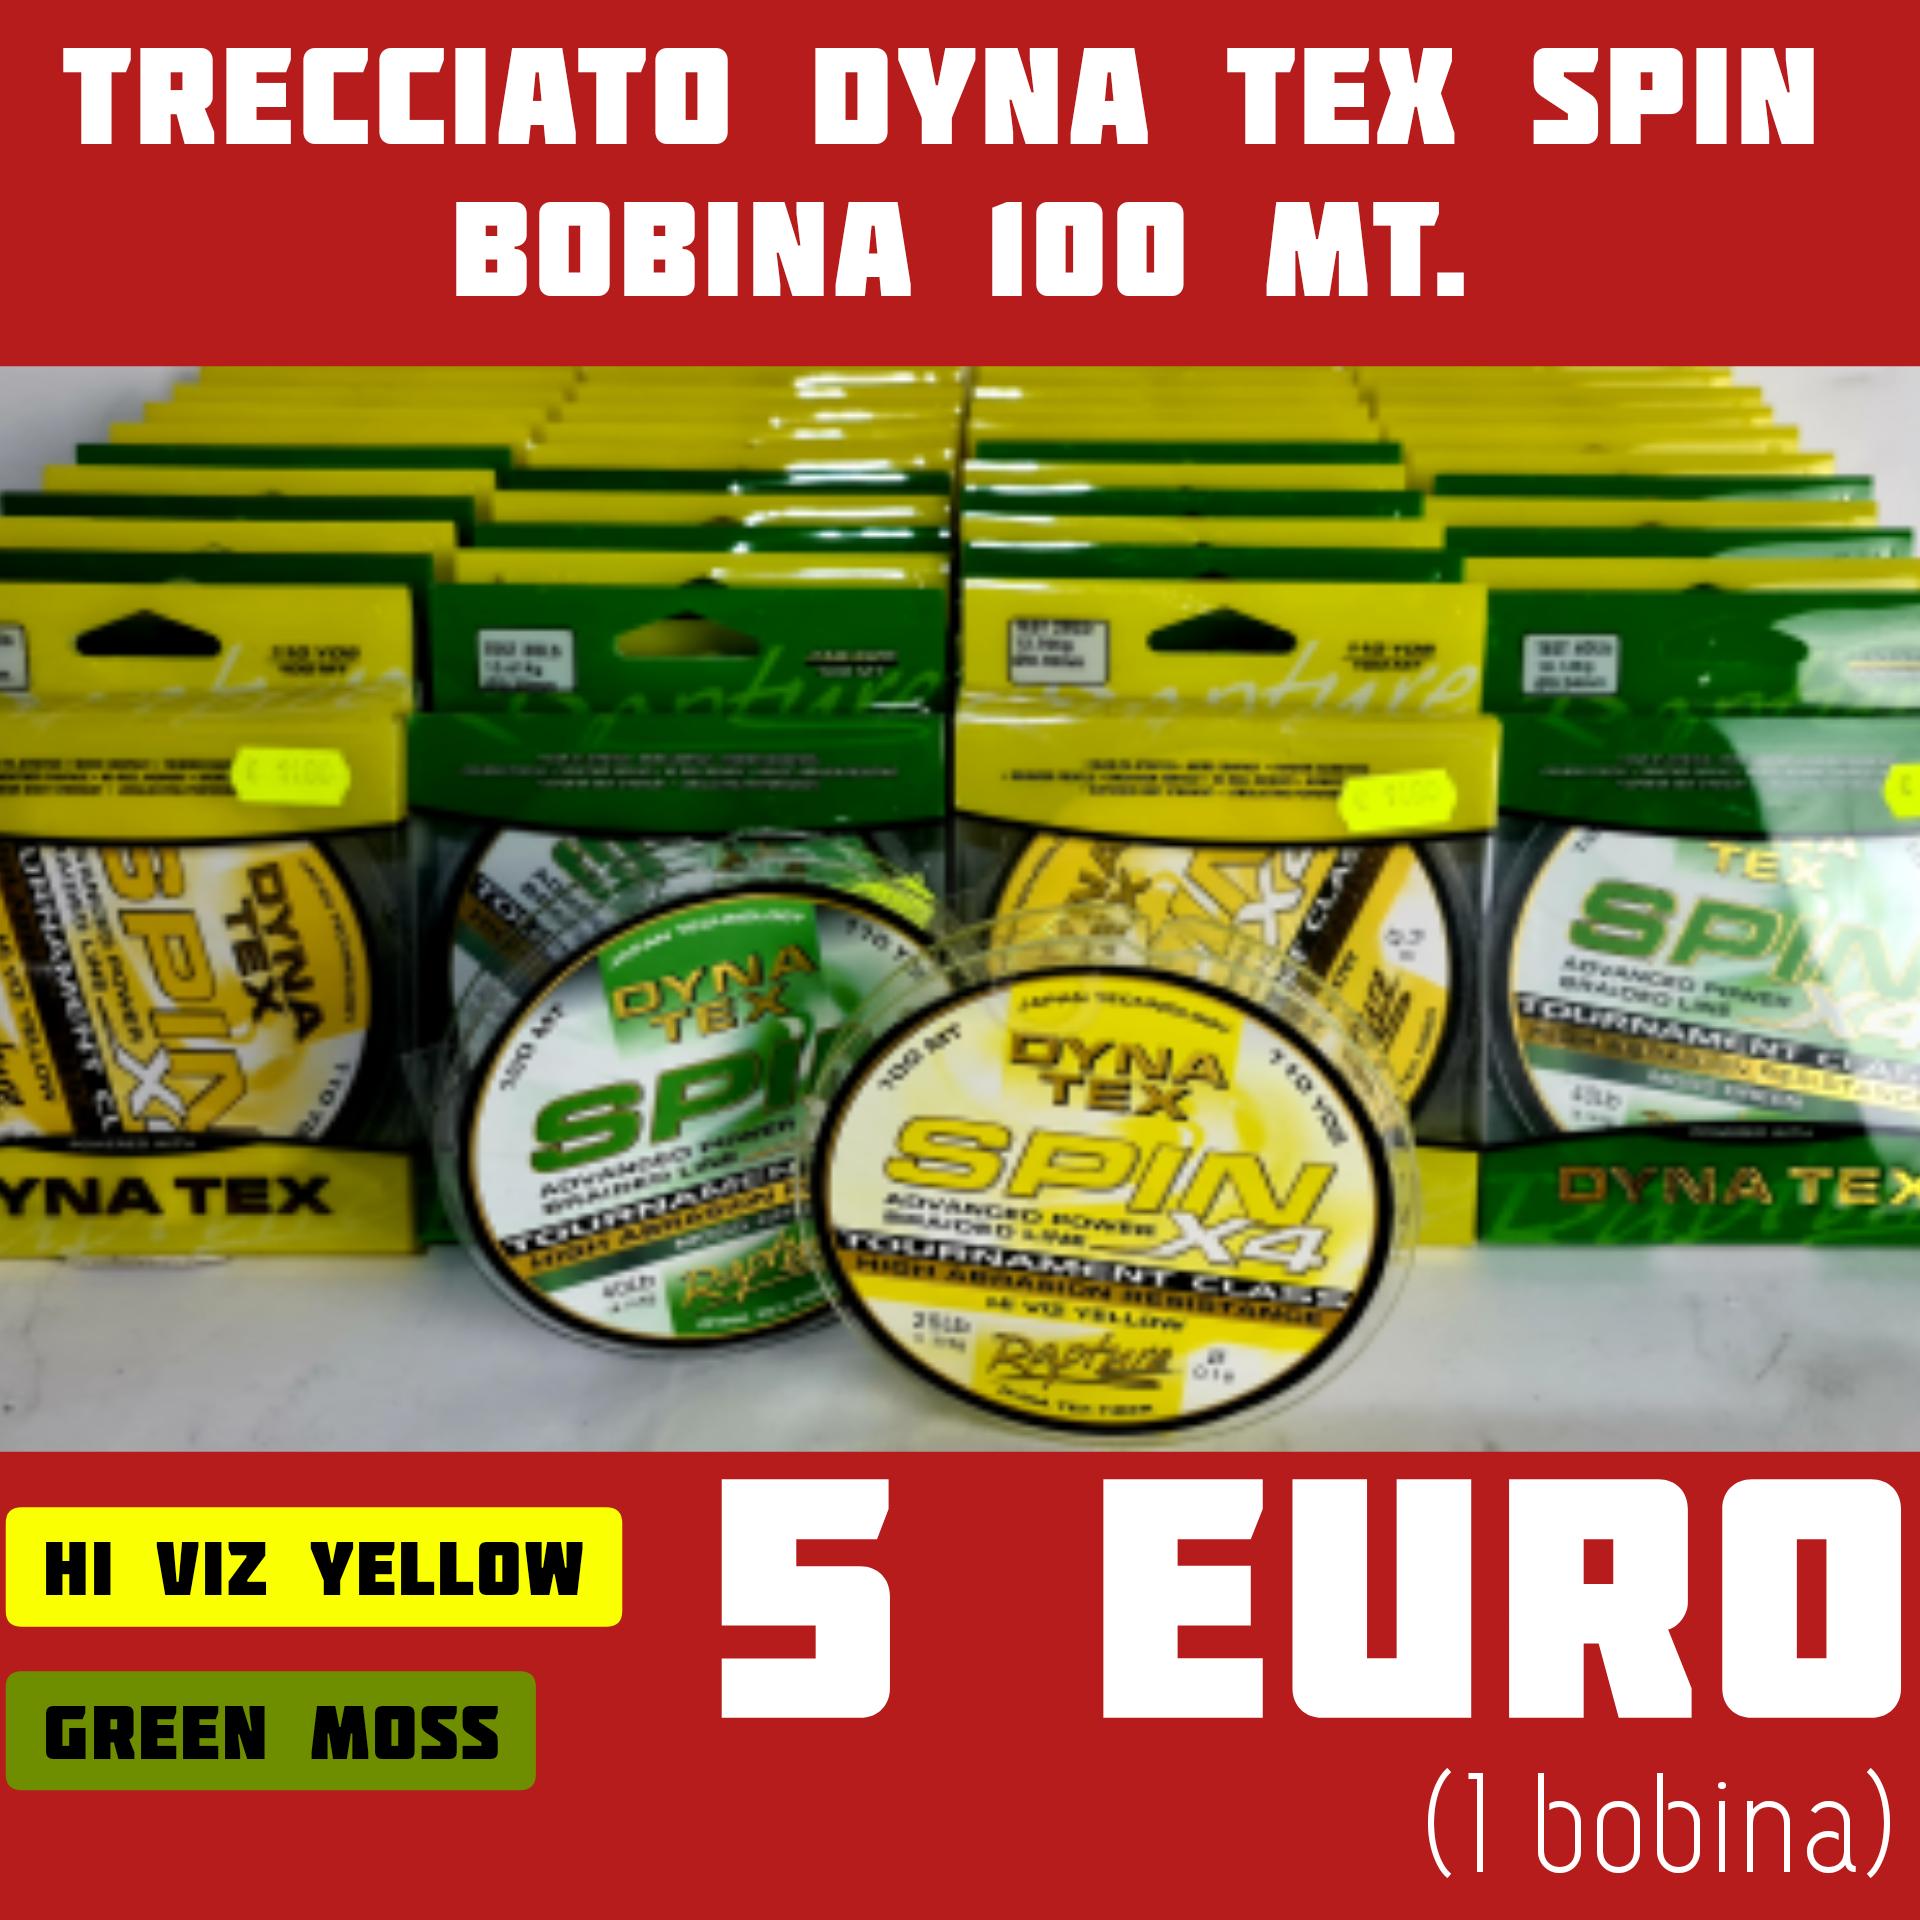 Dyna Tex 4X 100Mt. Hi-Viz Yellow - Green Moss